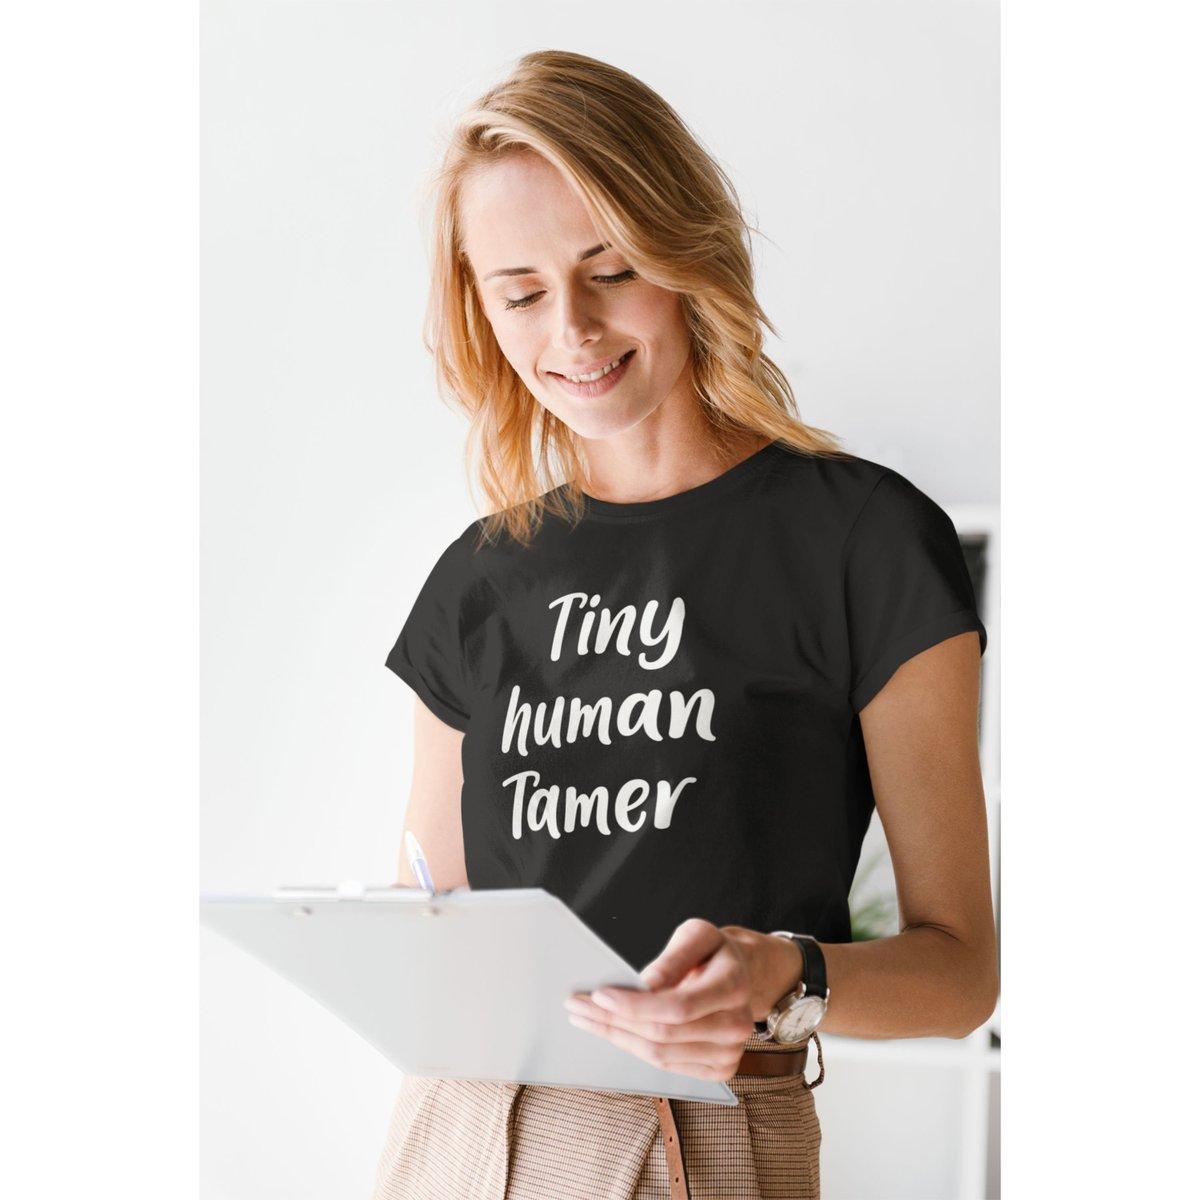 Tiny Human Tamer - Teacher Day Care unisex shirt https://t.co/WipzFQoJQI #shortsleeve #teachershirt #teachergroupshirts #kindergartentshirt #preschoolteacher #tinyhumans #prekteacher #daycareprovider #teachergifts https://t.co/4ZN1HAousX